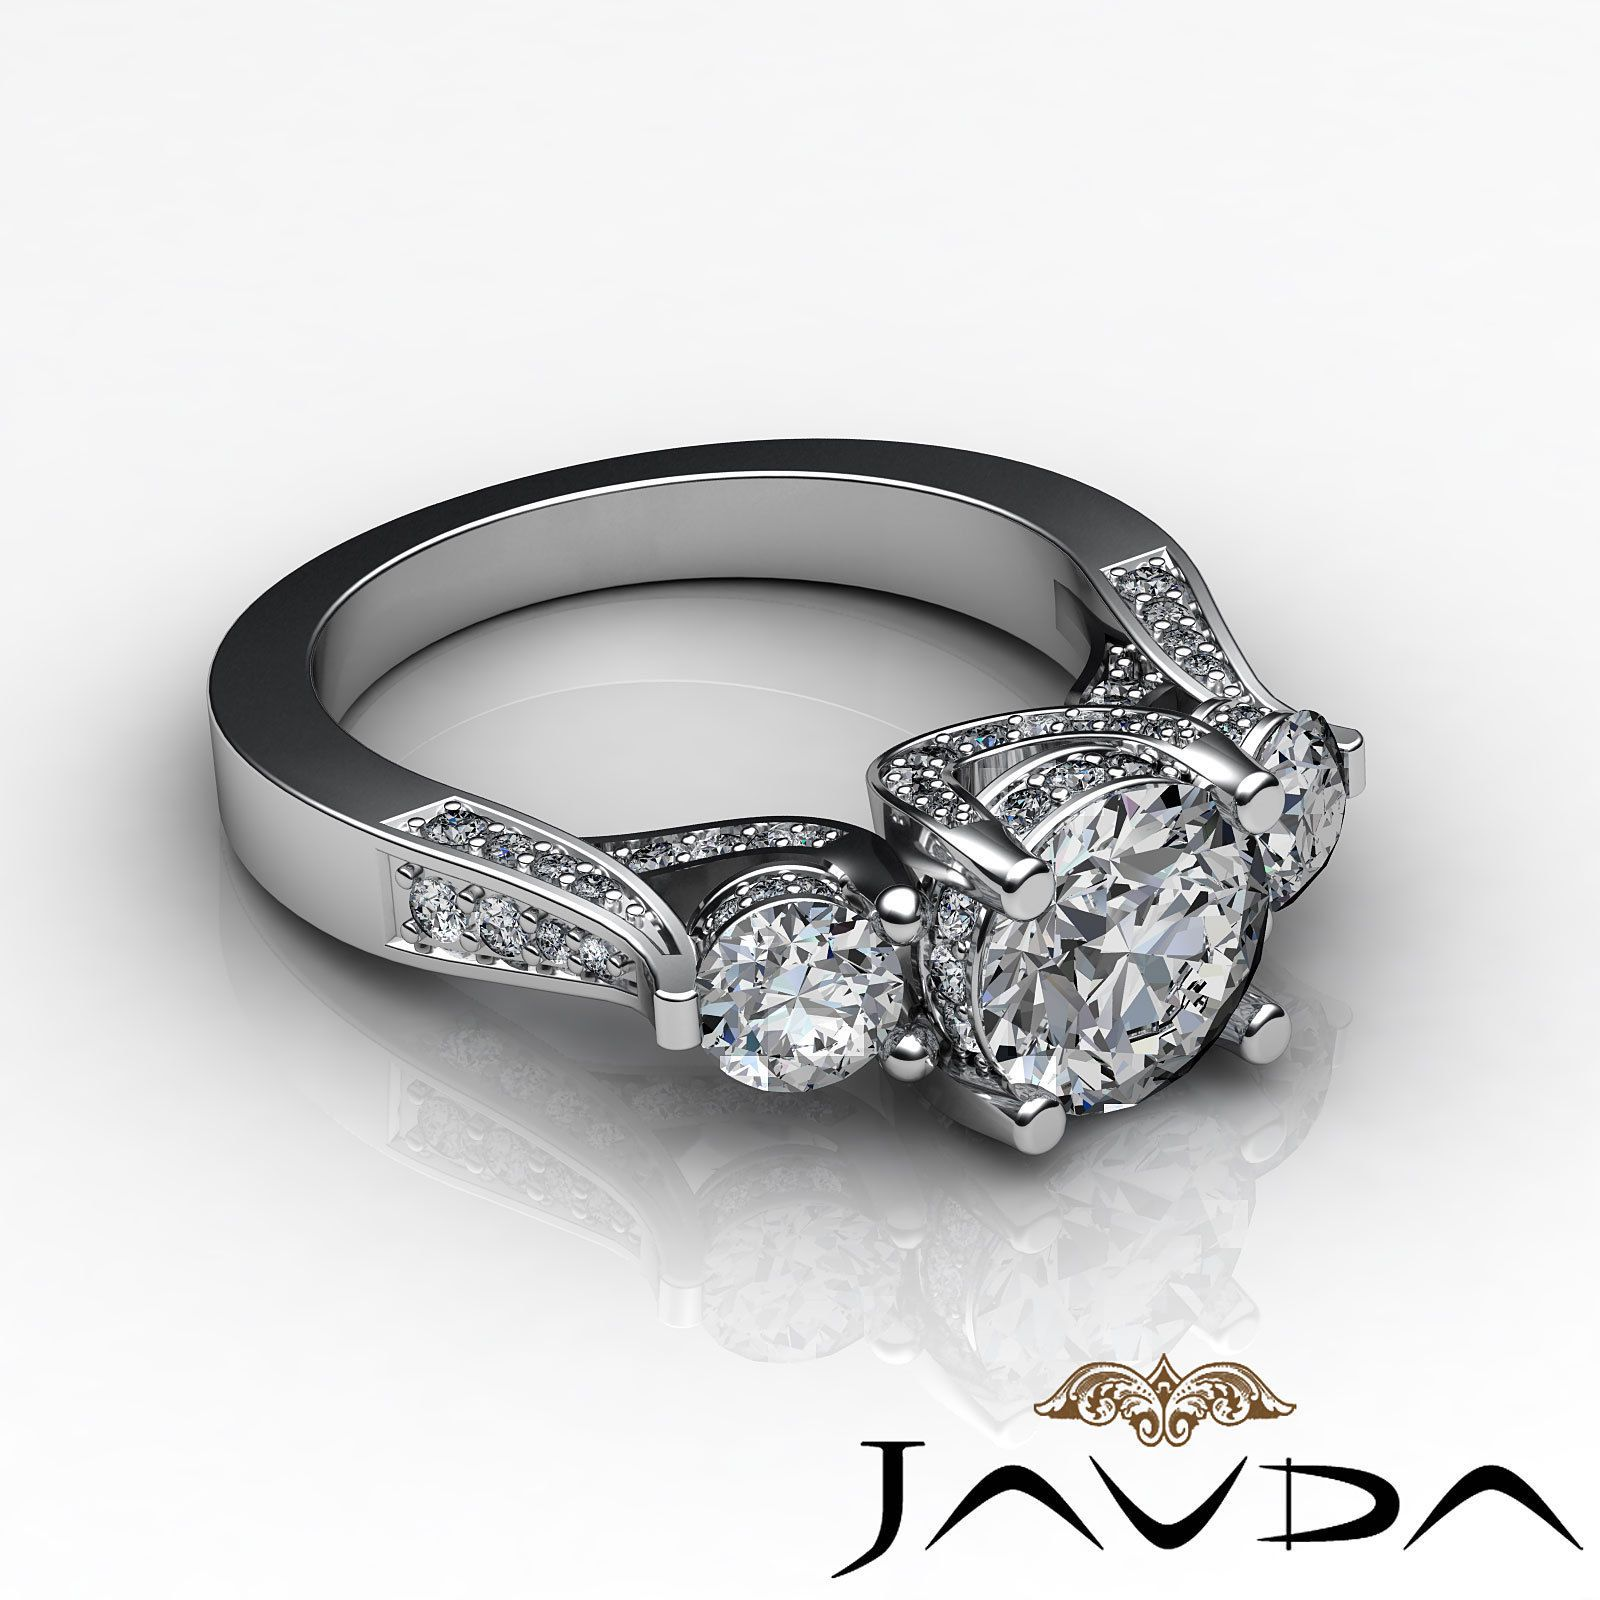 Unique Round Cut Diamond Three Stone Engagement Ring GIA F VS2 Platinum 2 2 Ct | eBay